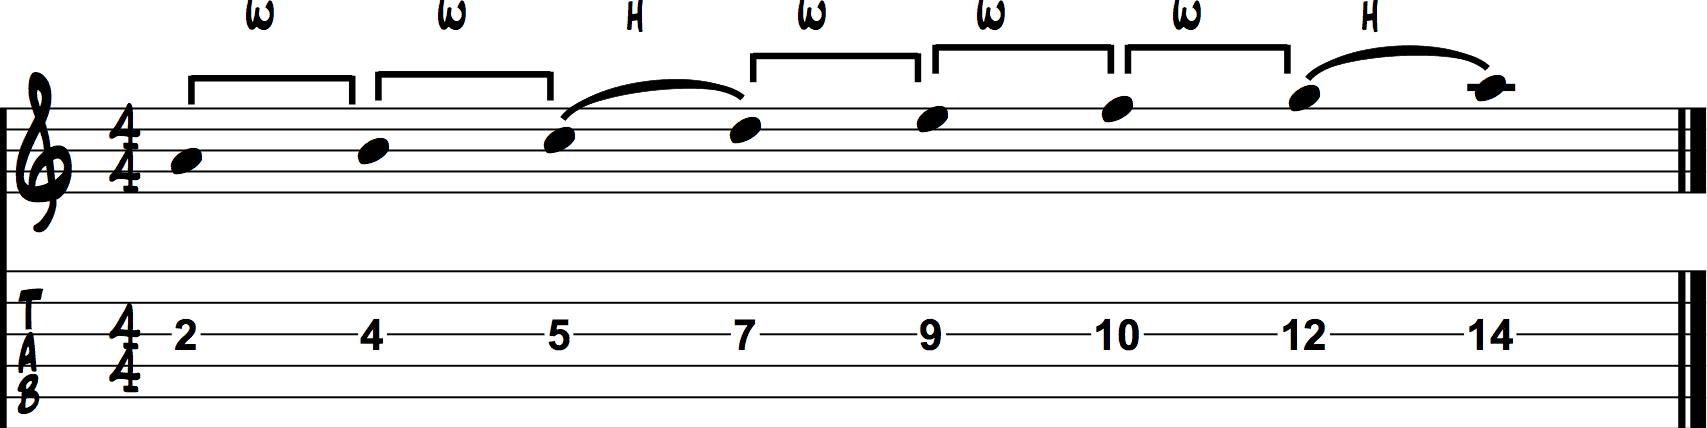 Minor Scale 2